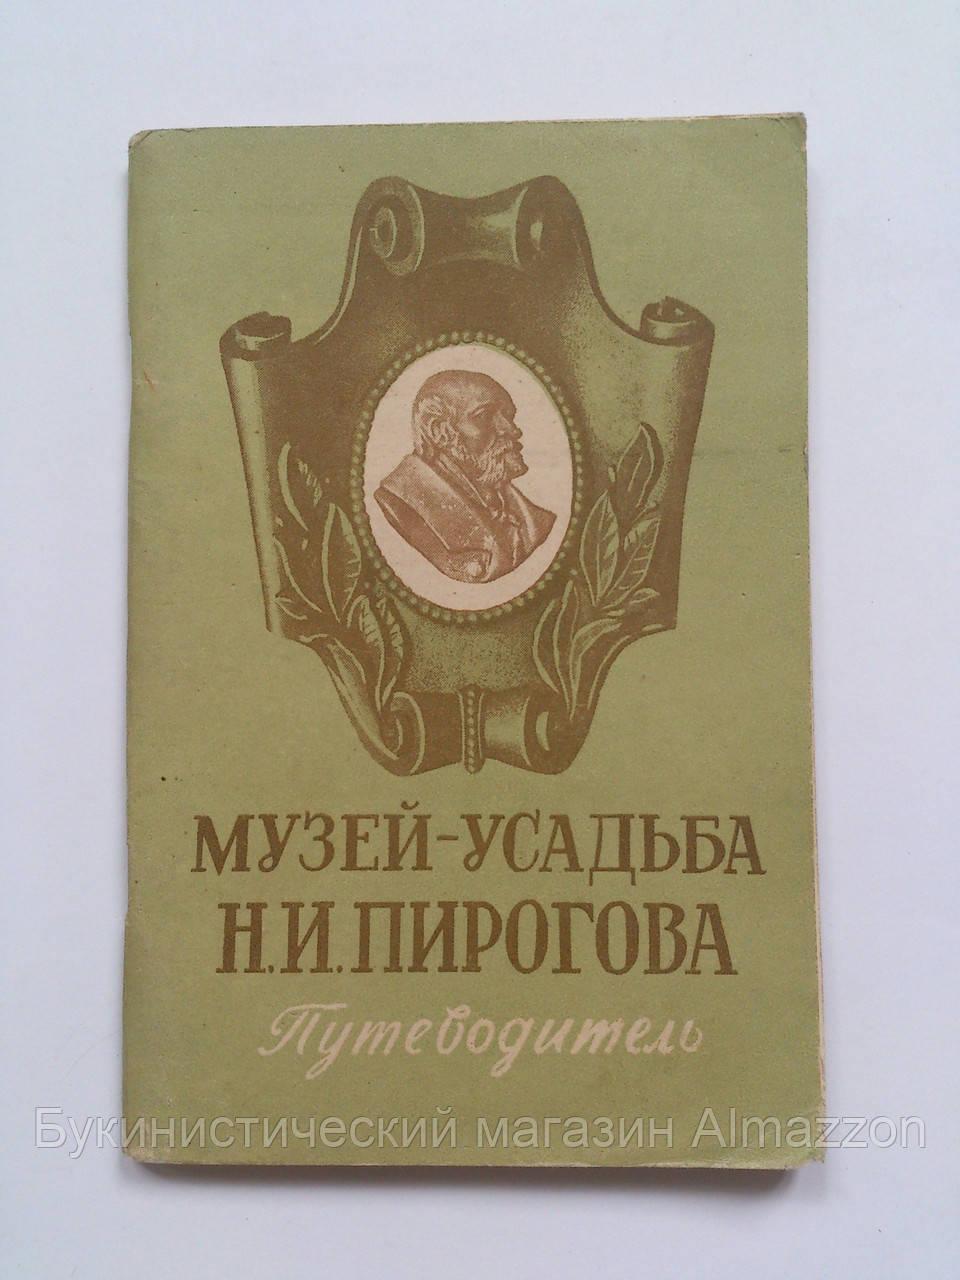 Музей-усадьба Н.И.Пирогова. Путеводитель. 1960 год